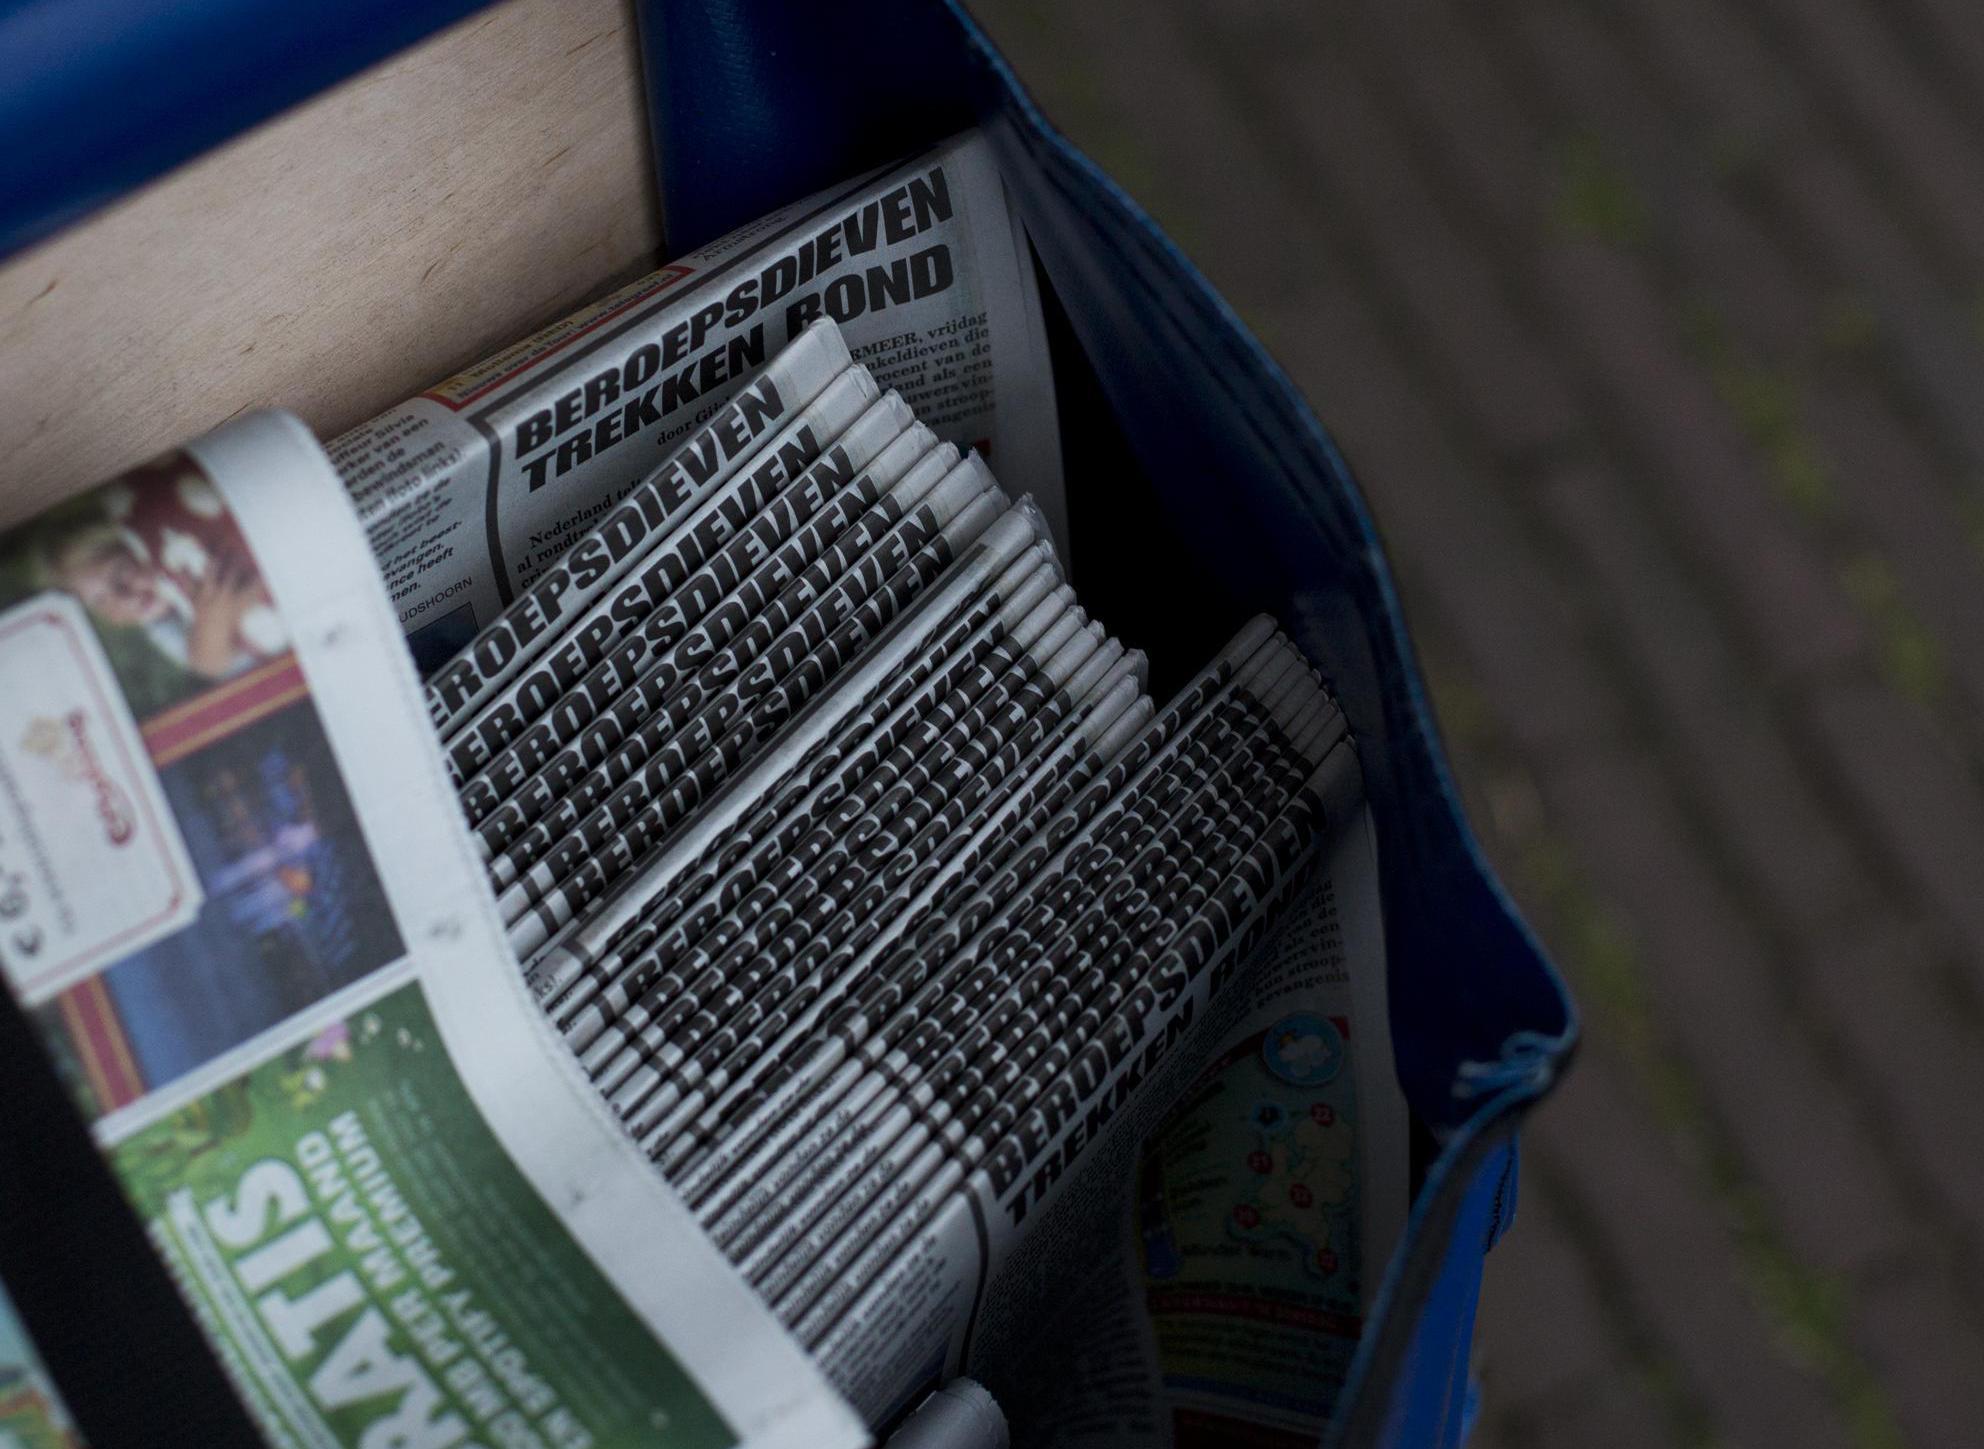 Oplichter doet zich voor als krantenbezorger in Heerhugowaard. Met een nieuwjaarsgroet gaat hij langs de deuren